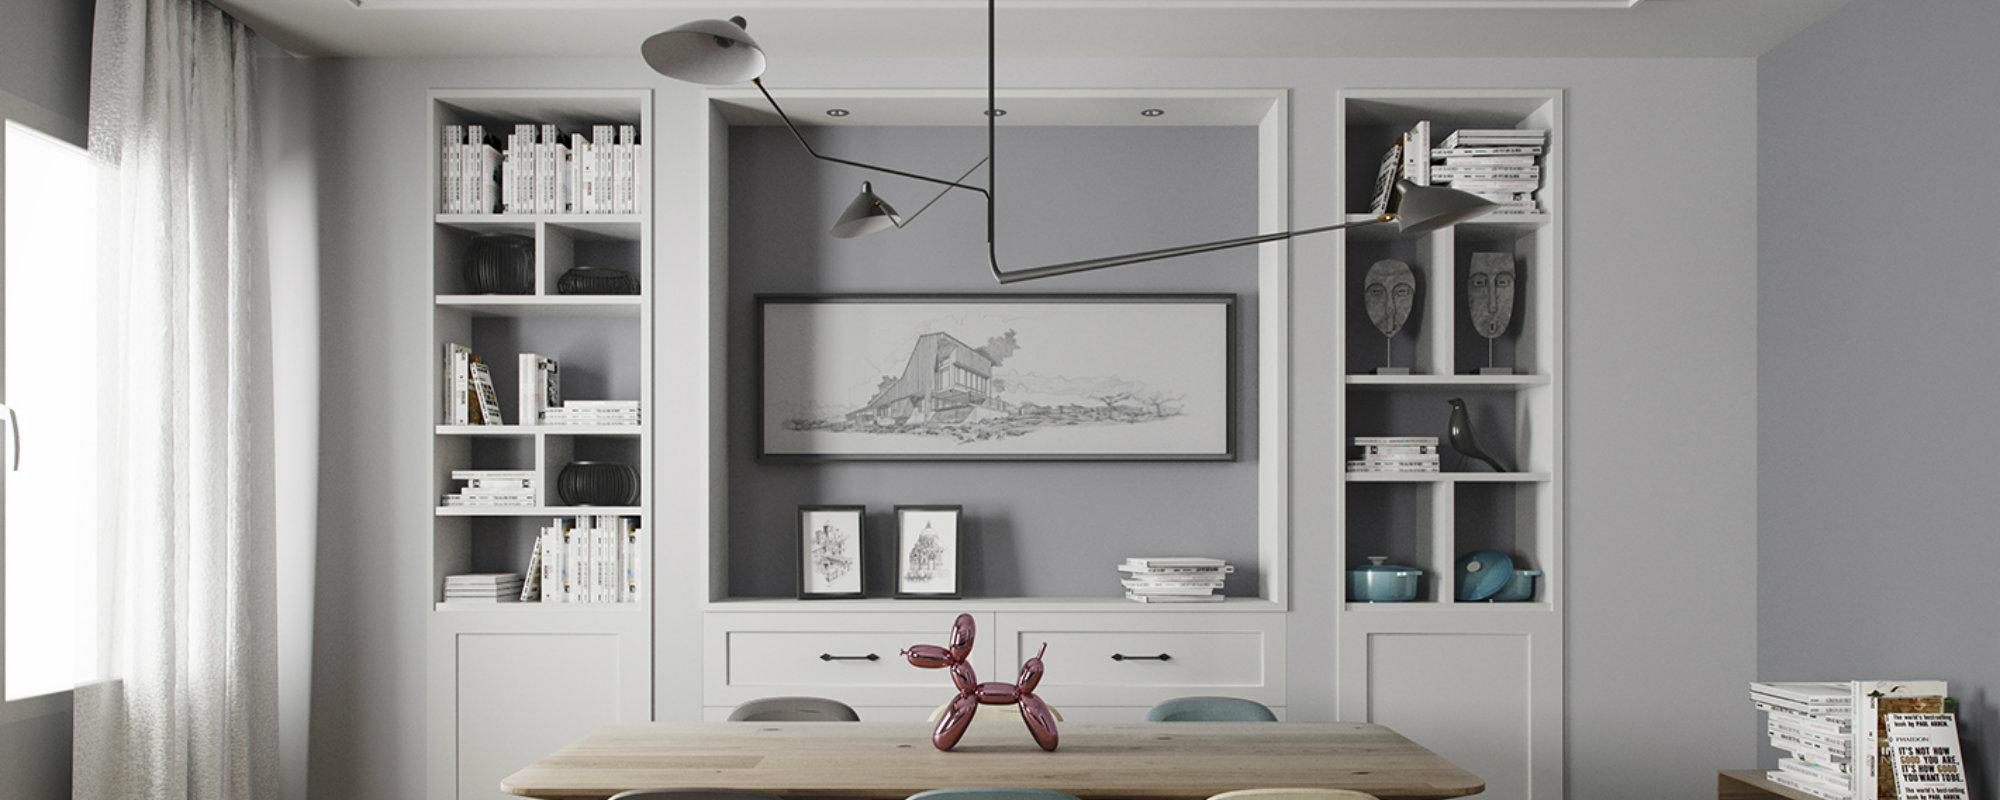 Bilbao Interiorismo: Una empresa lujuosa con proyectos elegantes y estupendos bilbao interiorismo Bilbao Interiorismo: Una empresa lujuosa con proyectos elegantes y estupendos Featured 18